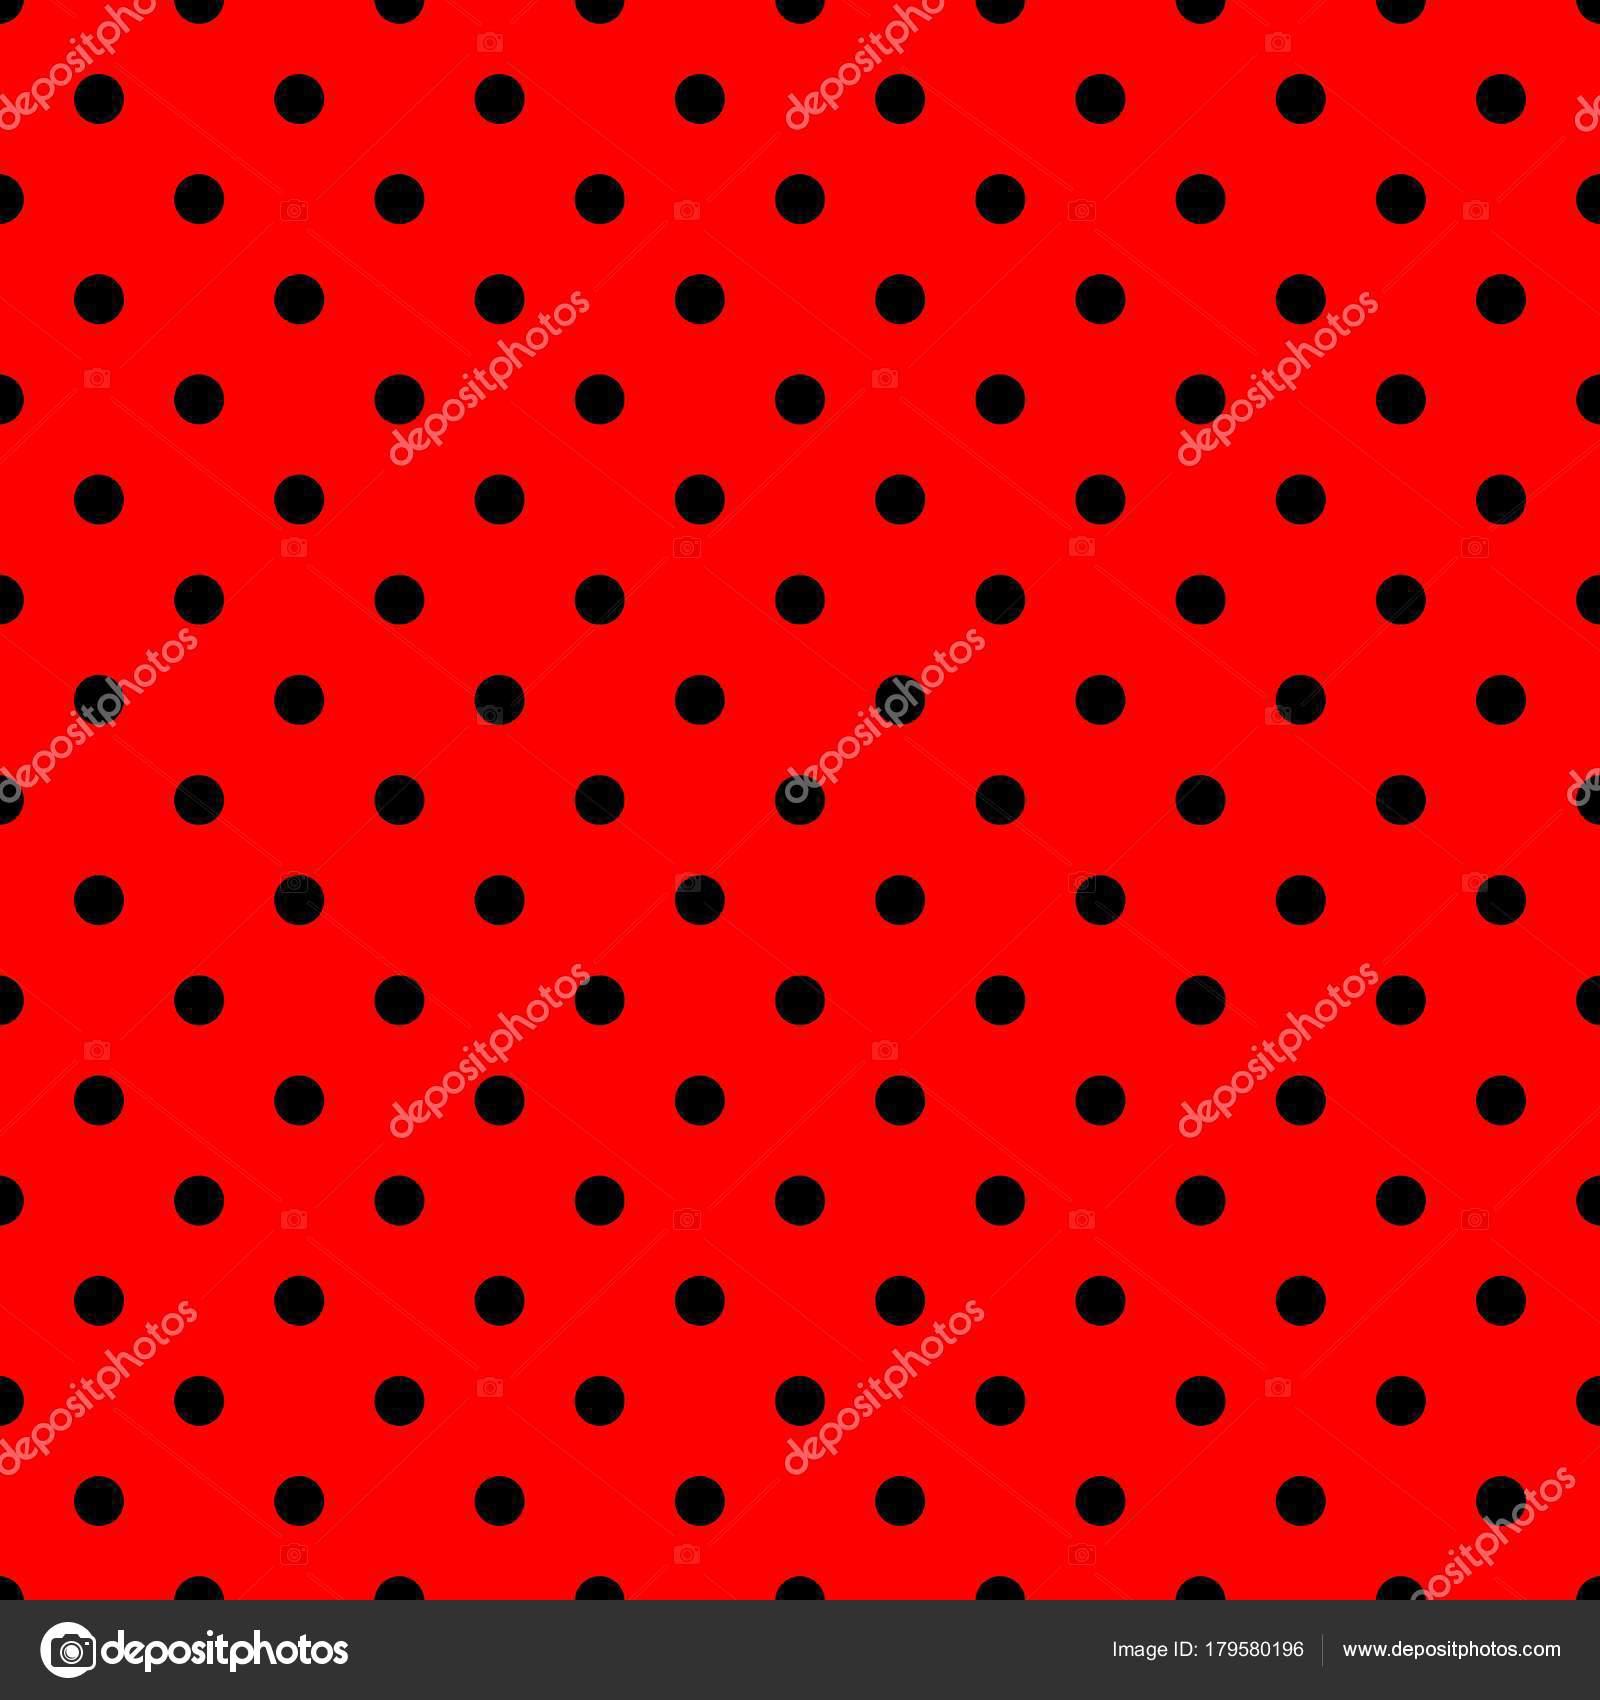 Sfondo rosso pois neri